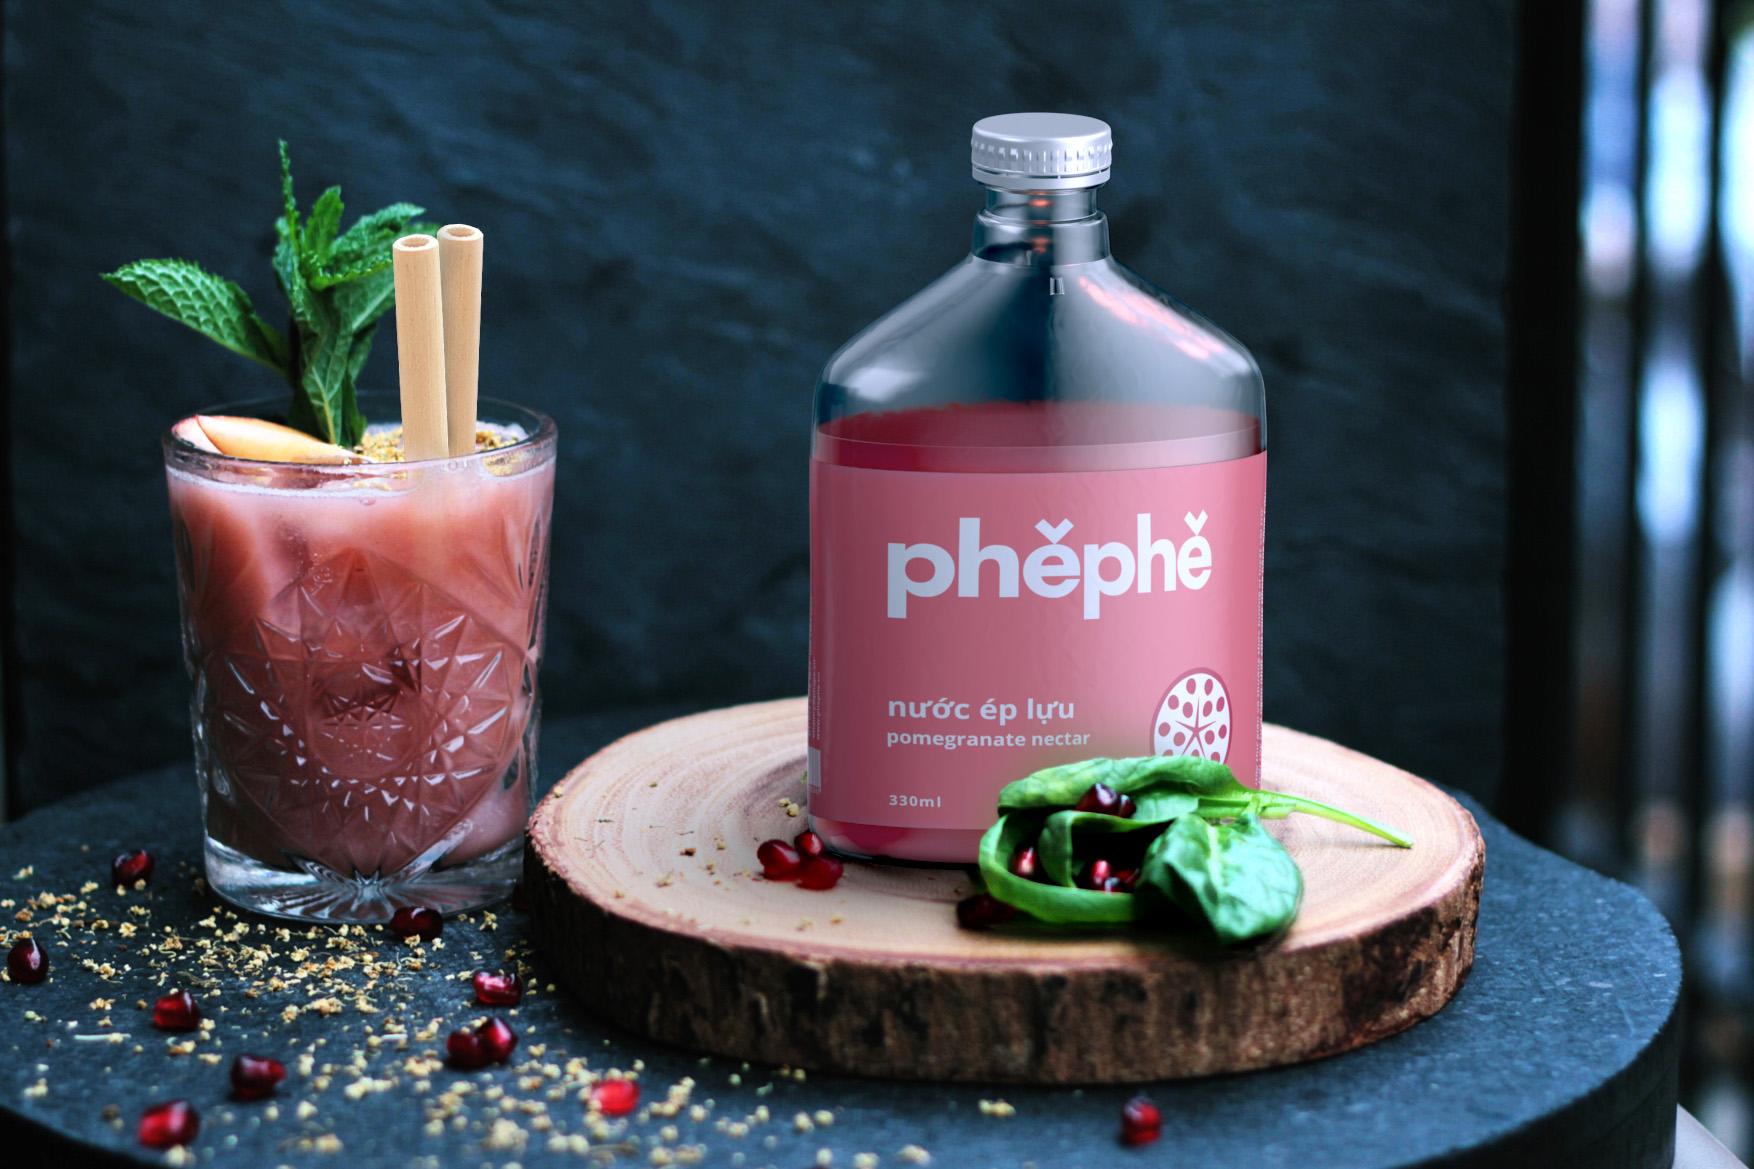 label design, packaging design, branding, product design, juice bottle, phephe, xolve branding, modern design, dark and moody